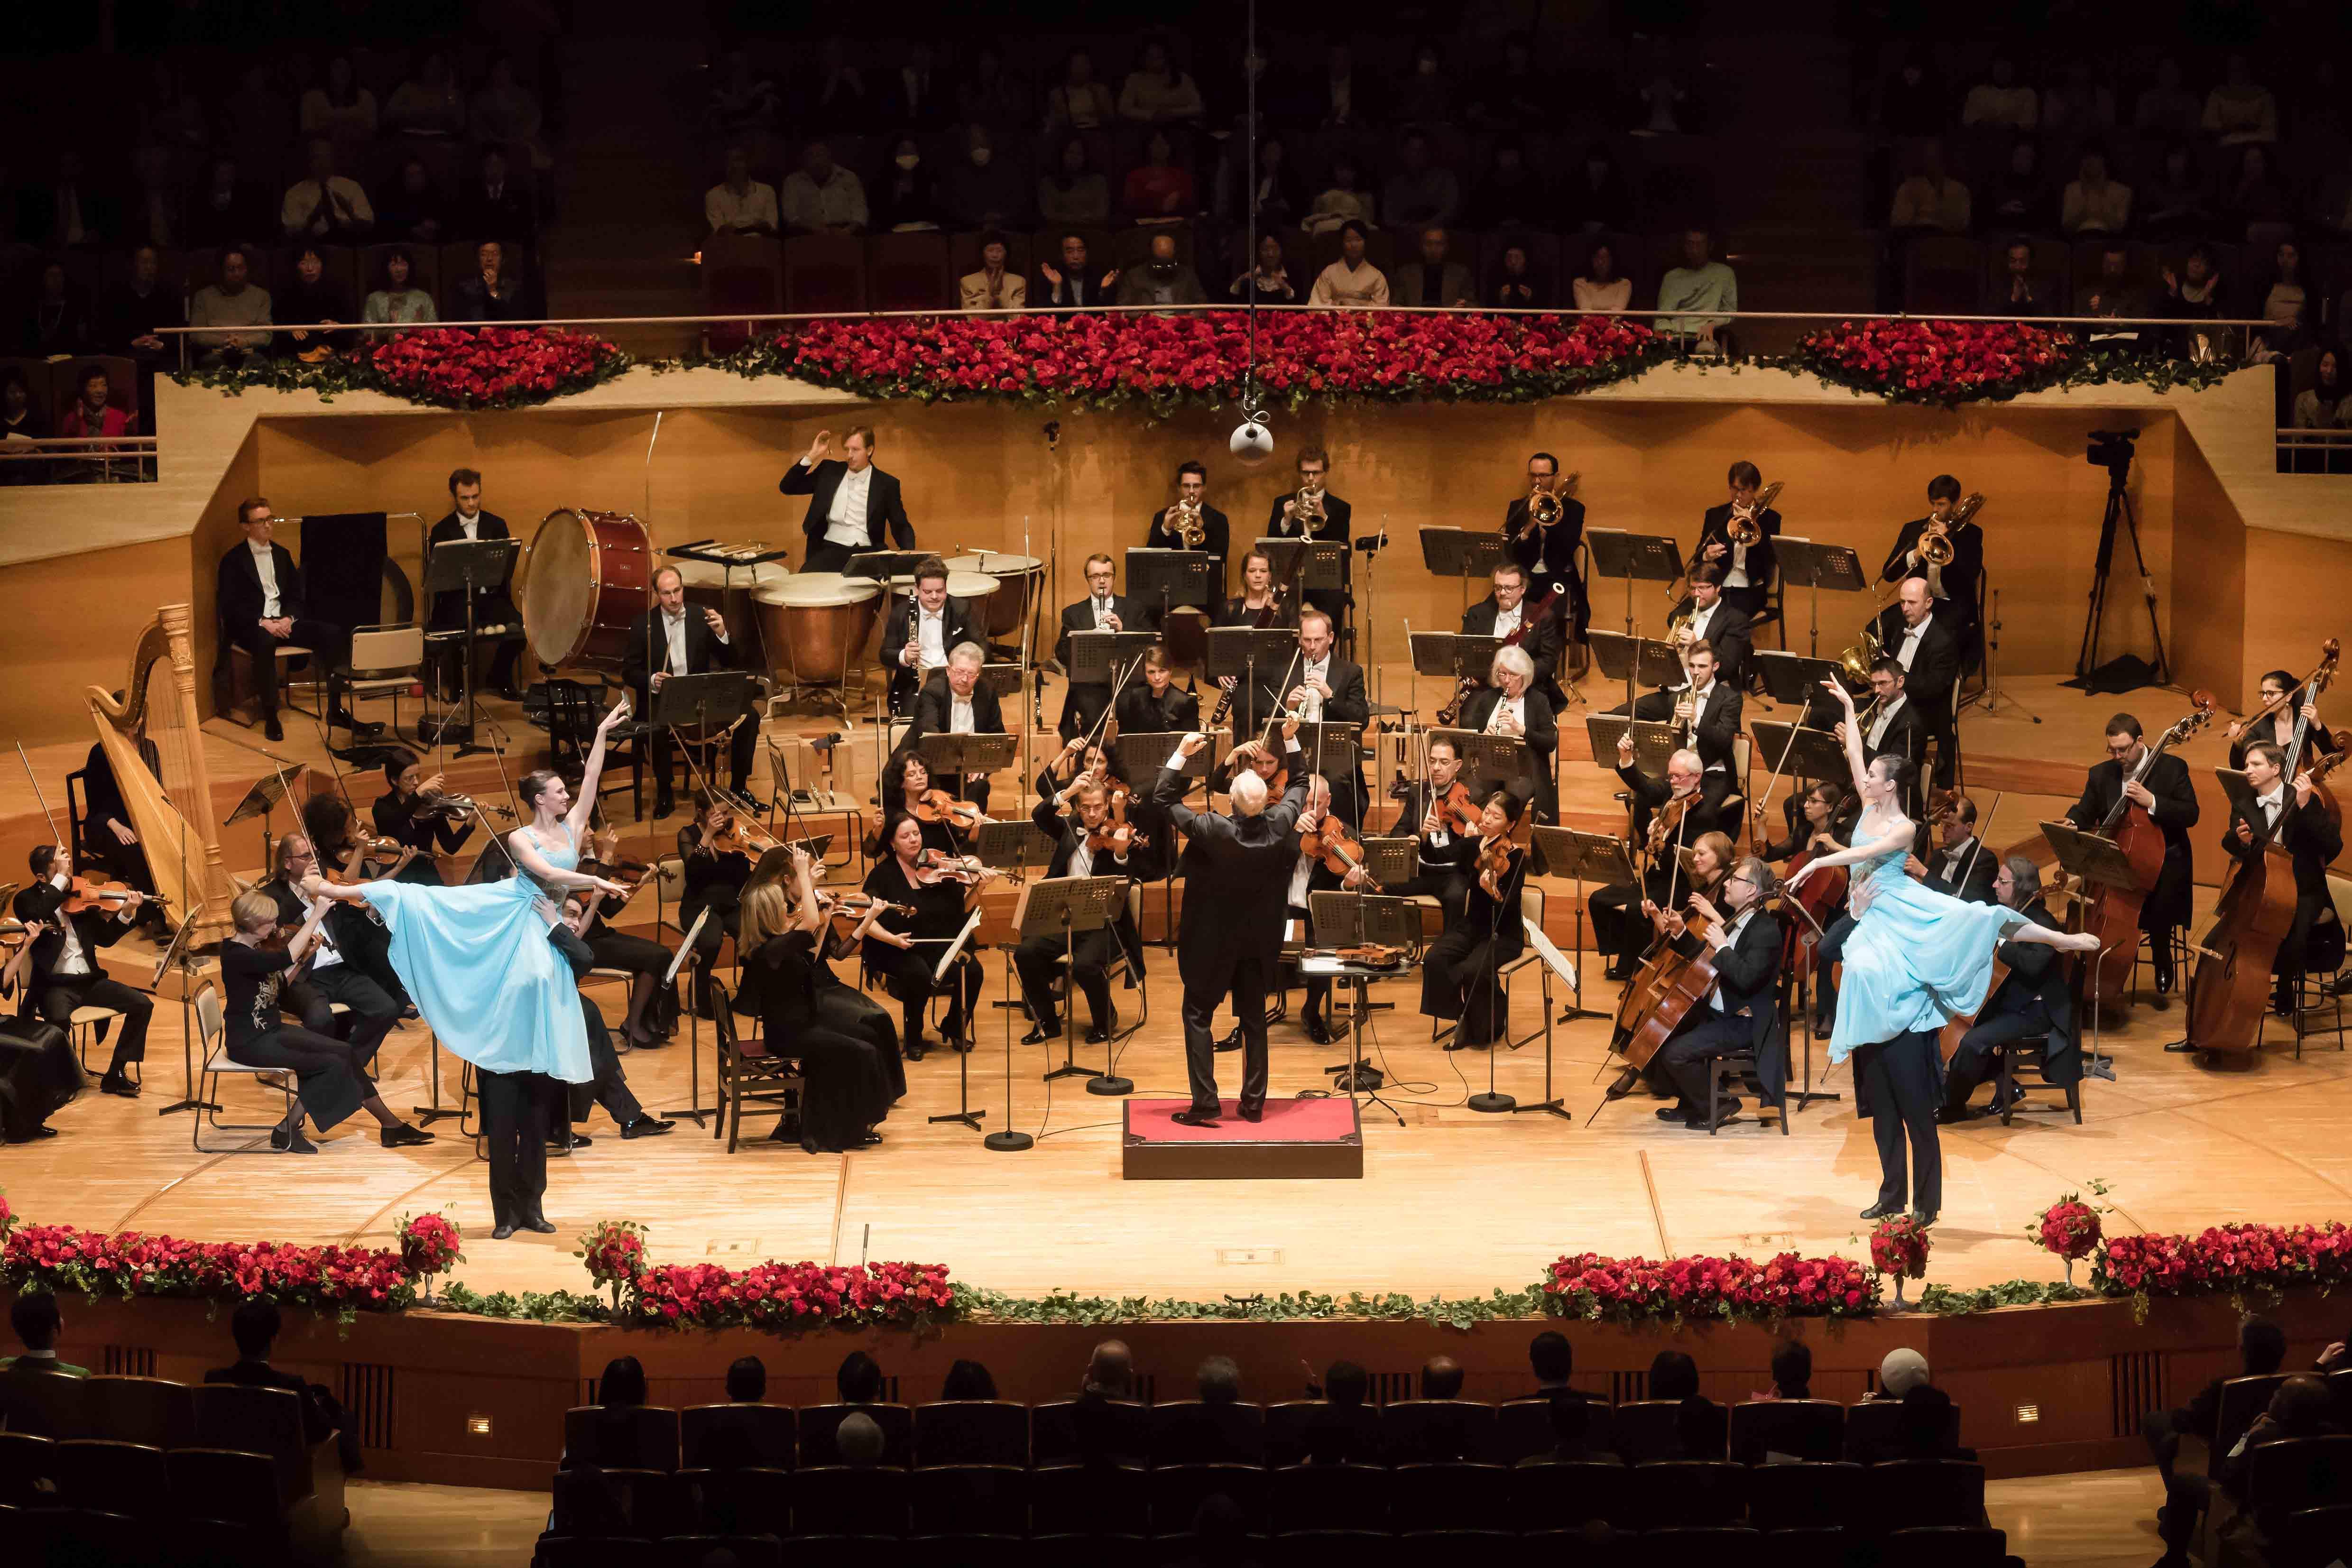 キユーピー100周年スペシャルニューイヤー・コンサート2019ウィーン・フォルクスオーパー交響楽団